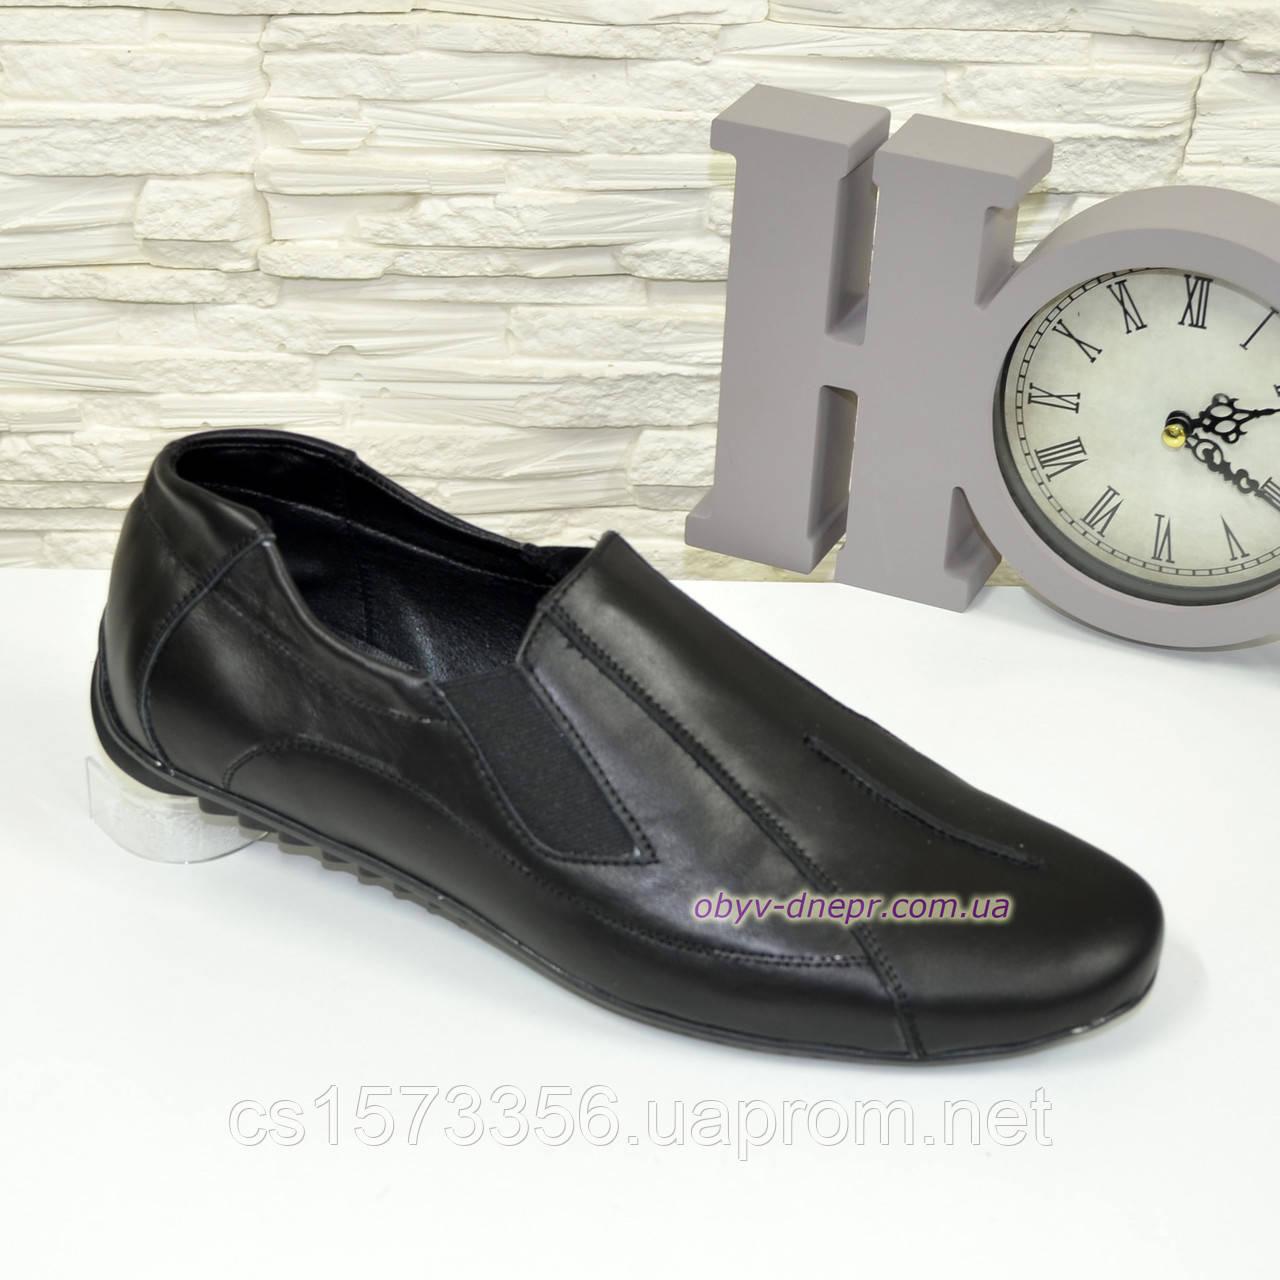 Туфли-мокасины кожаные мужские, размеры с 39 по 45